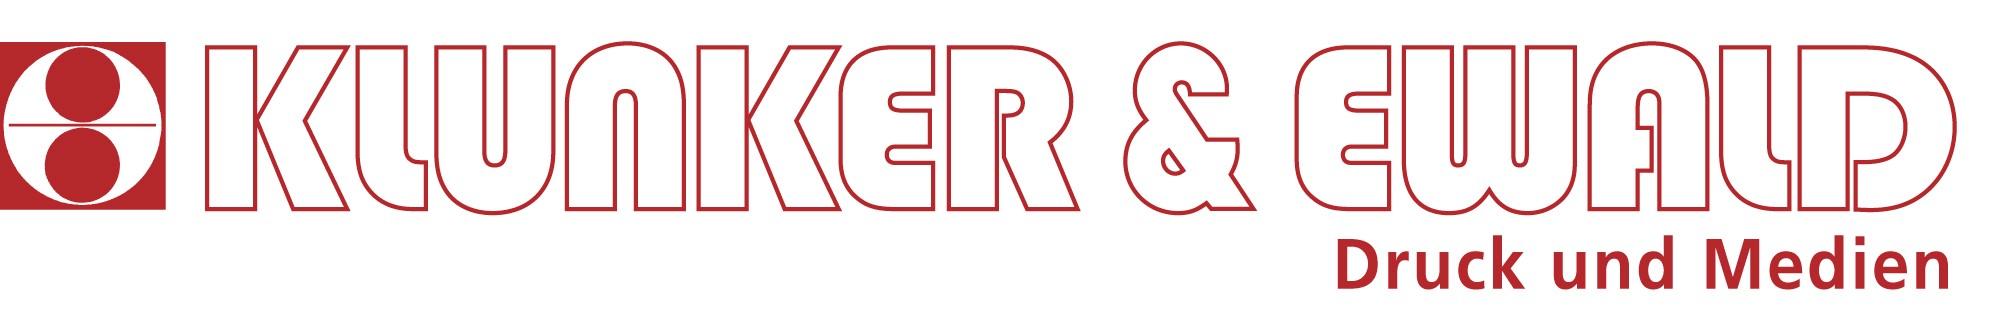 Klunker & Ewald GmbH